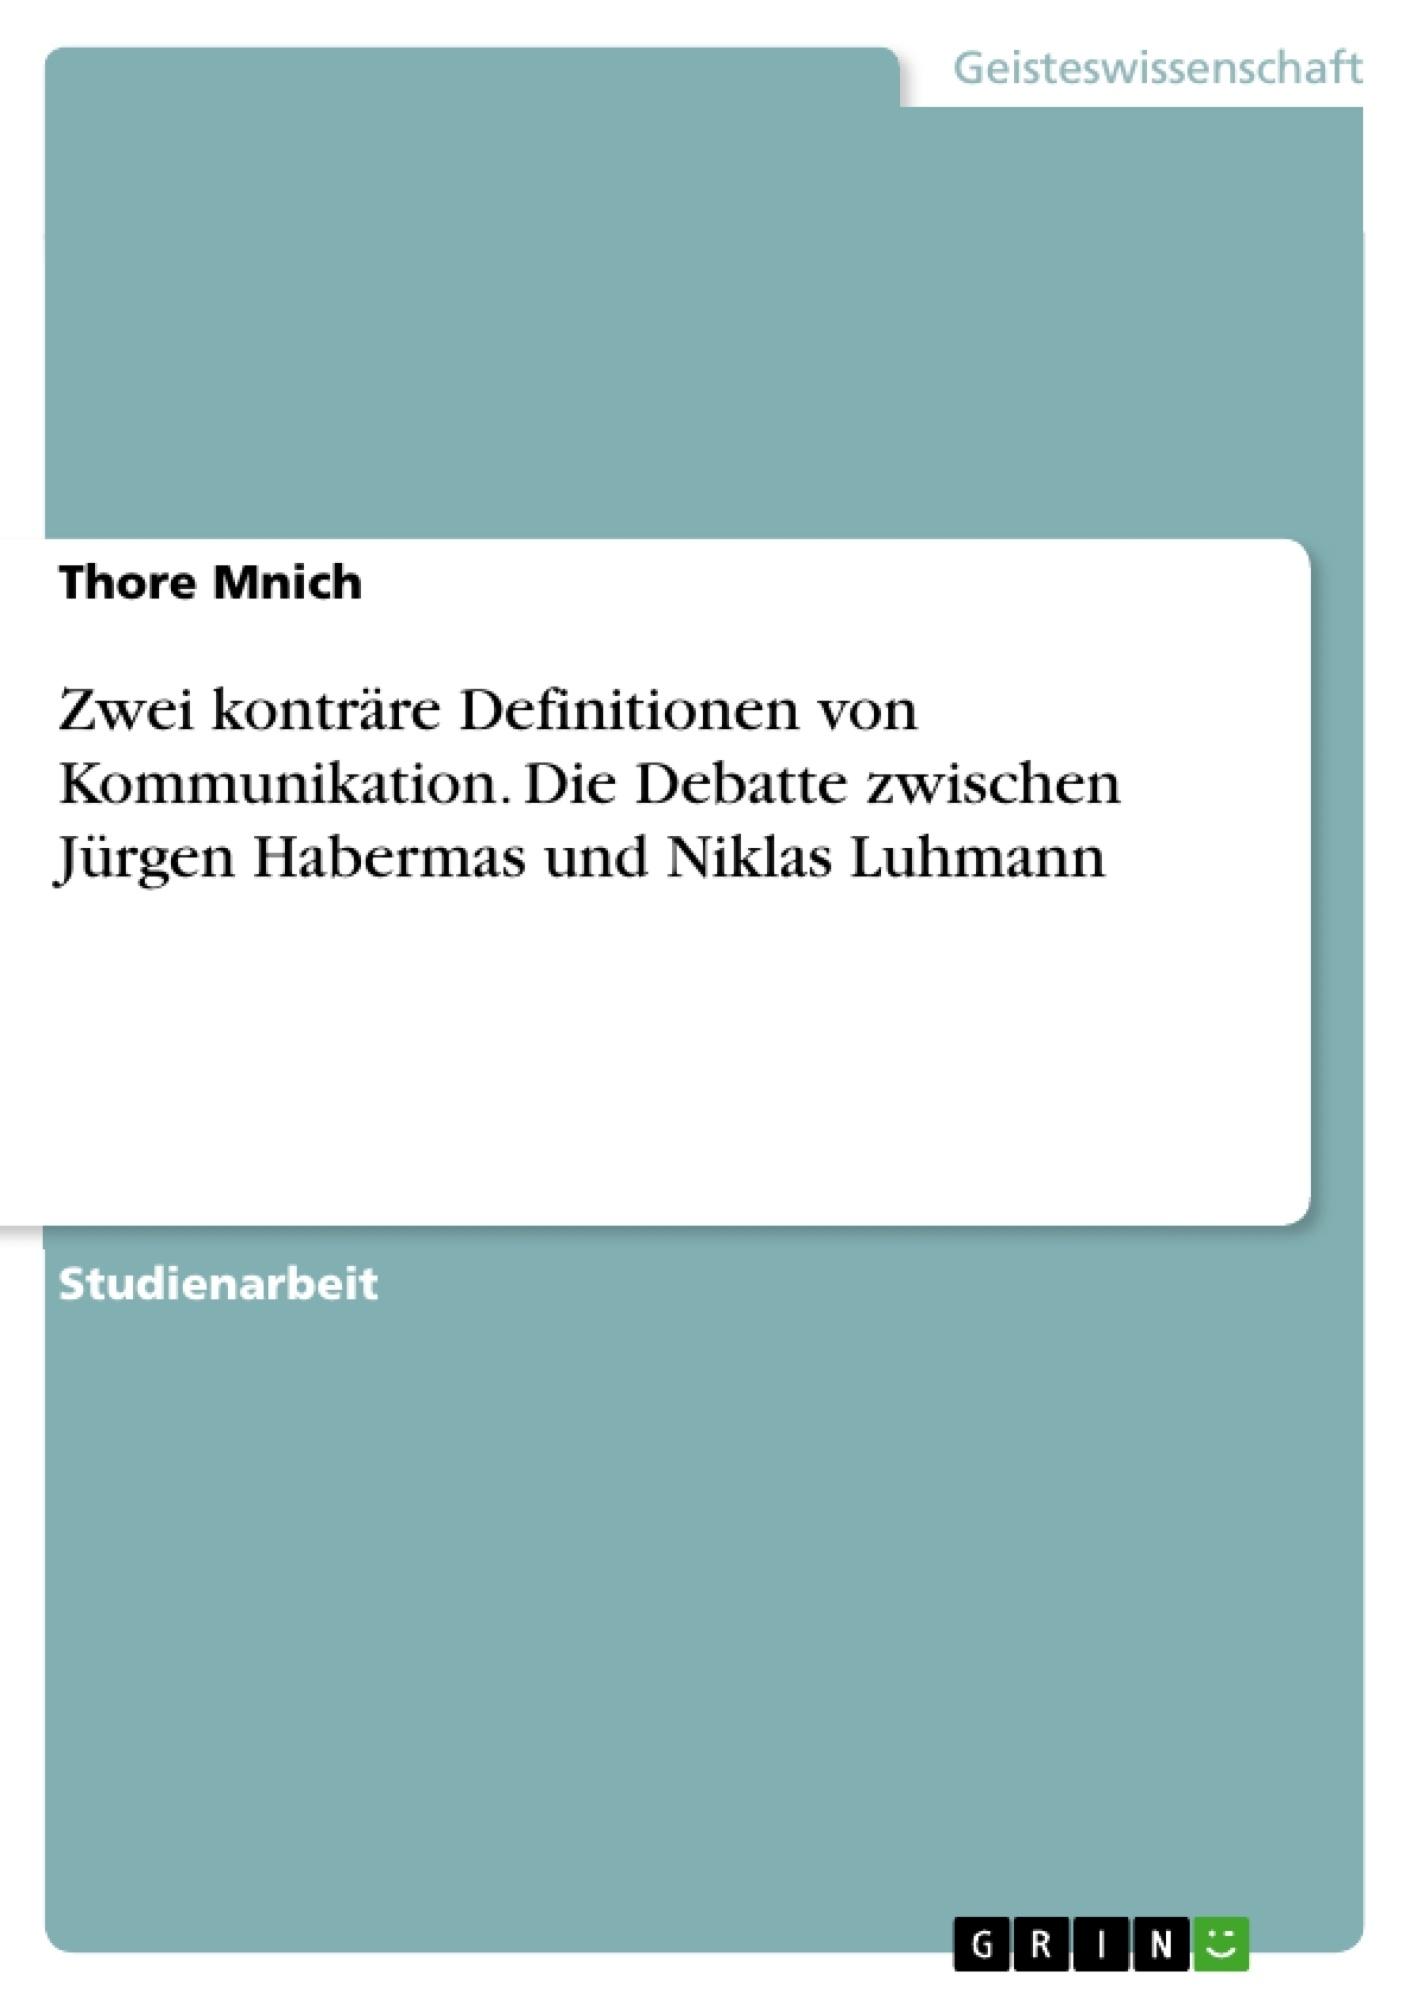 Titel: Zwei konträre Definitionen von Kommunikation. Die Debatte zwischen Jürgen Habermas und Niklas Luhmann